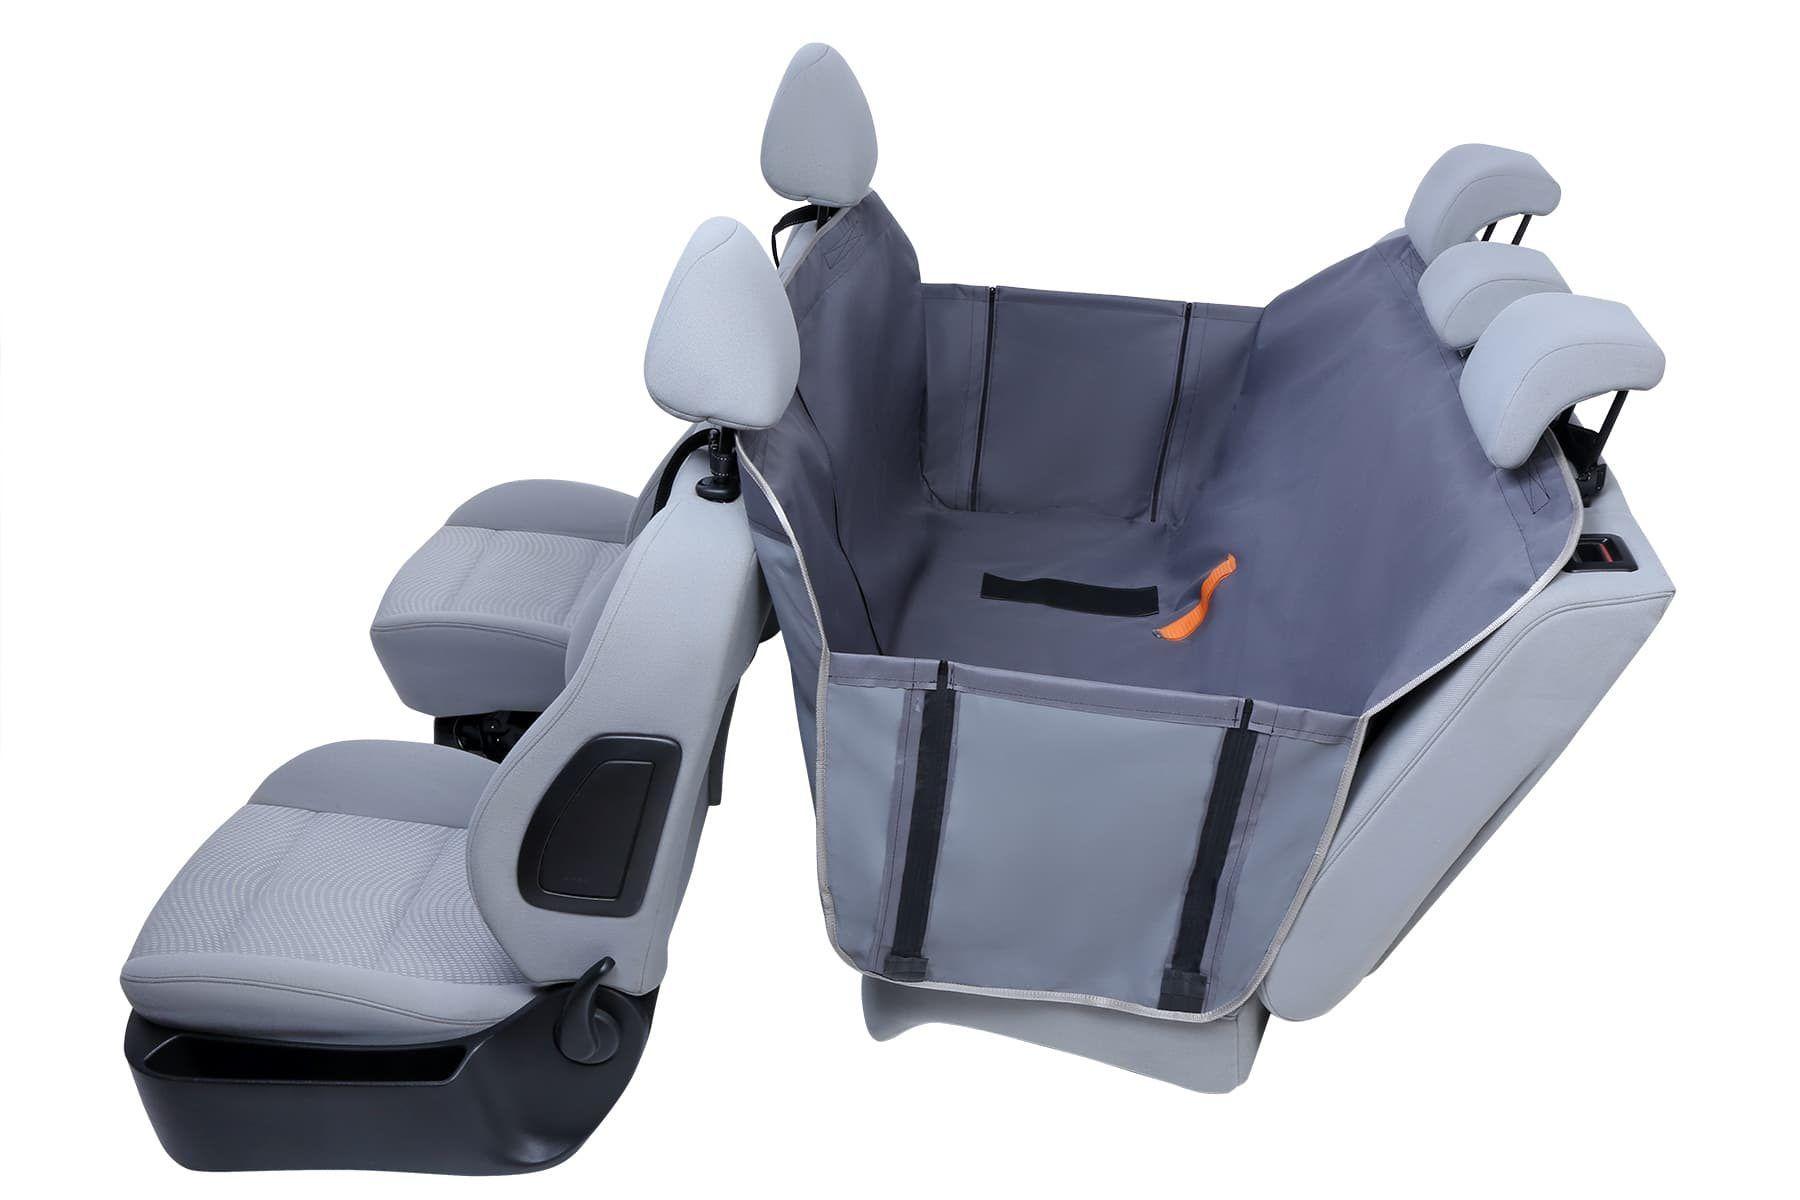 Mata samochodowa z bokami i z zamkiem - Kardimata Anti Slip